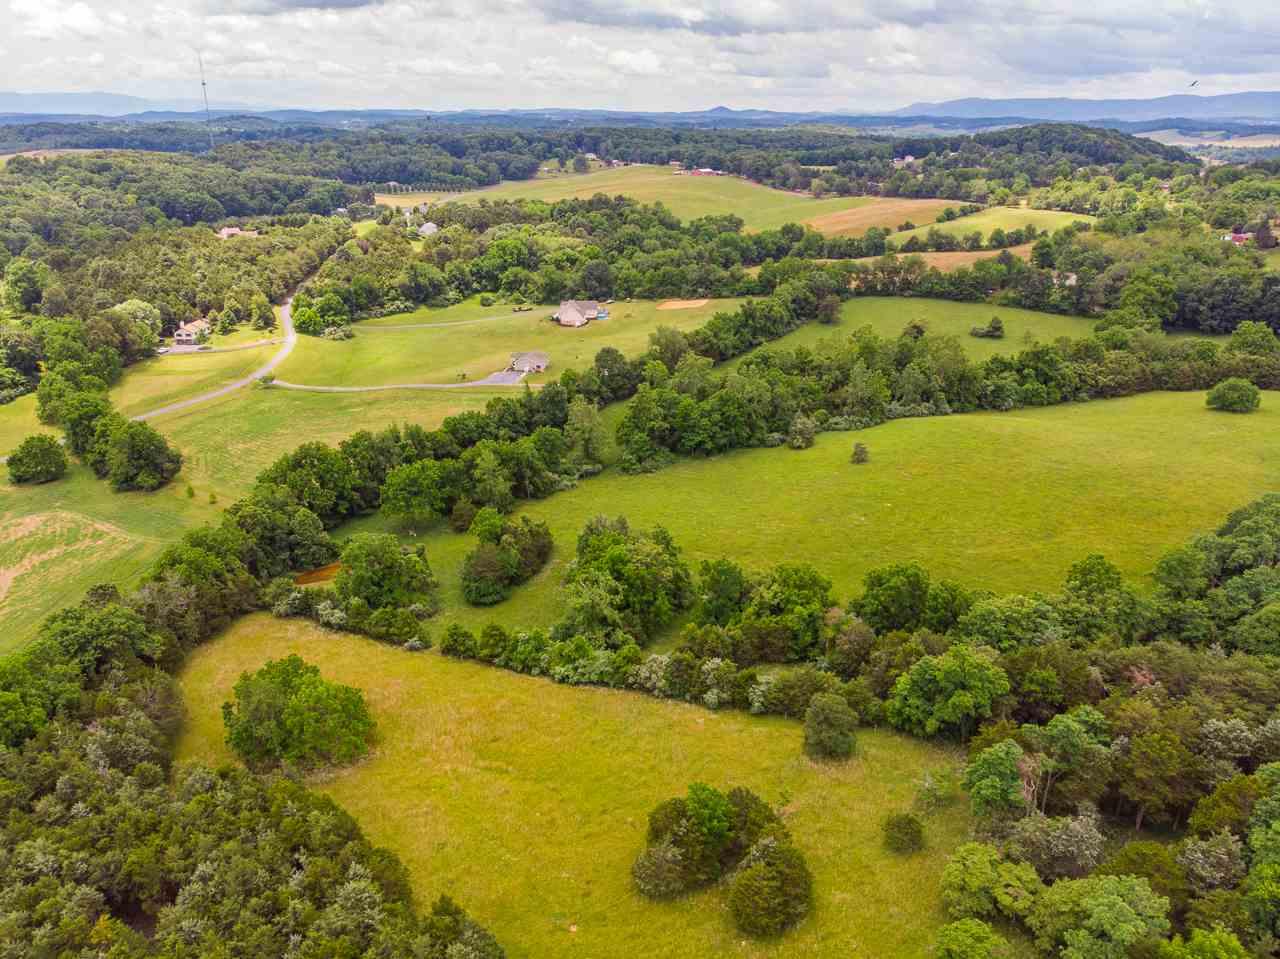 TBD Shutterlee Mill Rd 1, Staunton, VA, 24401